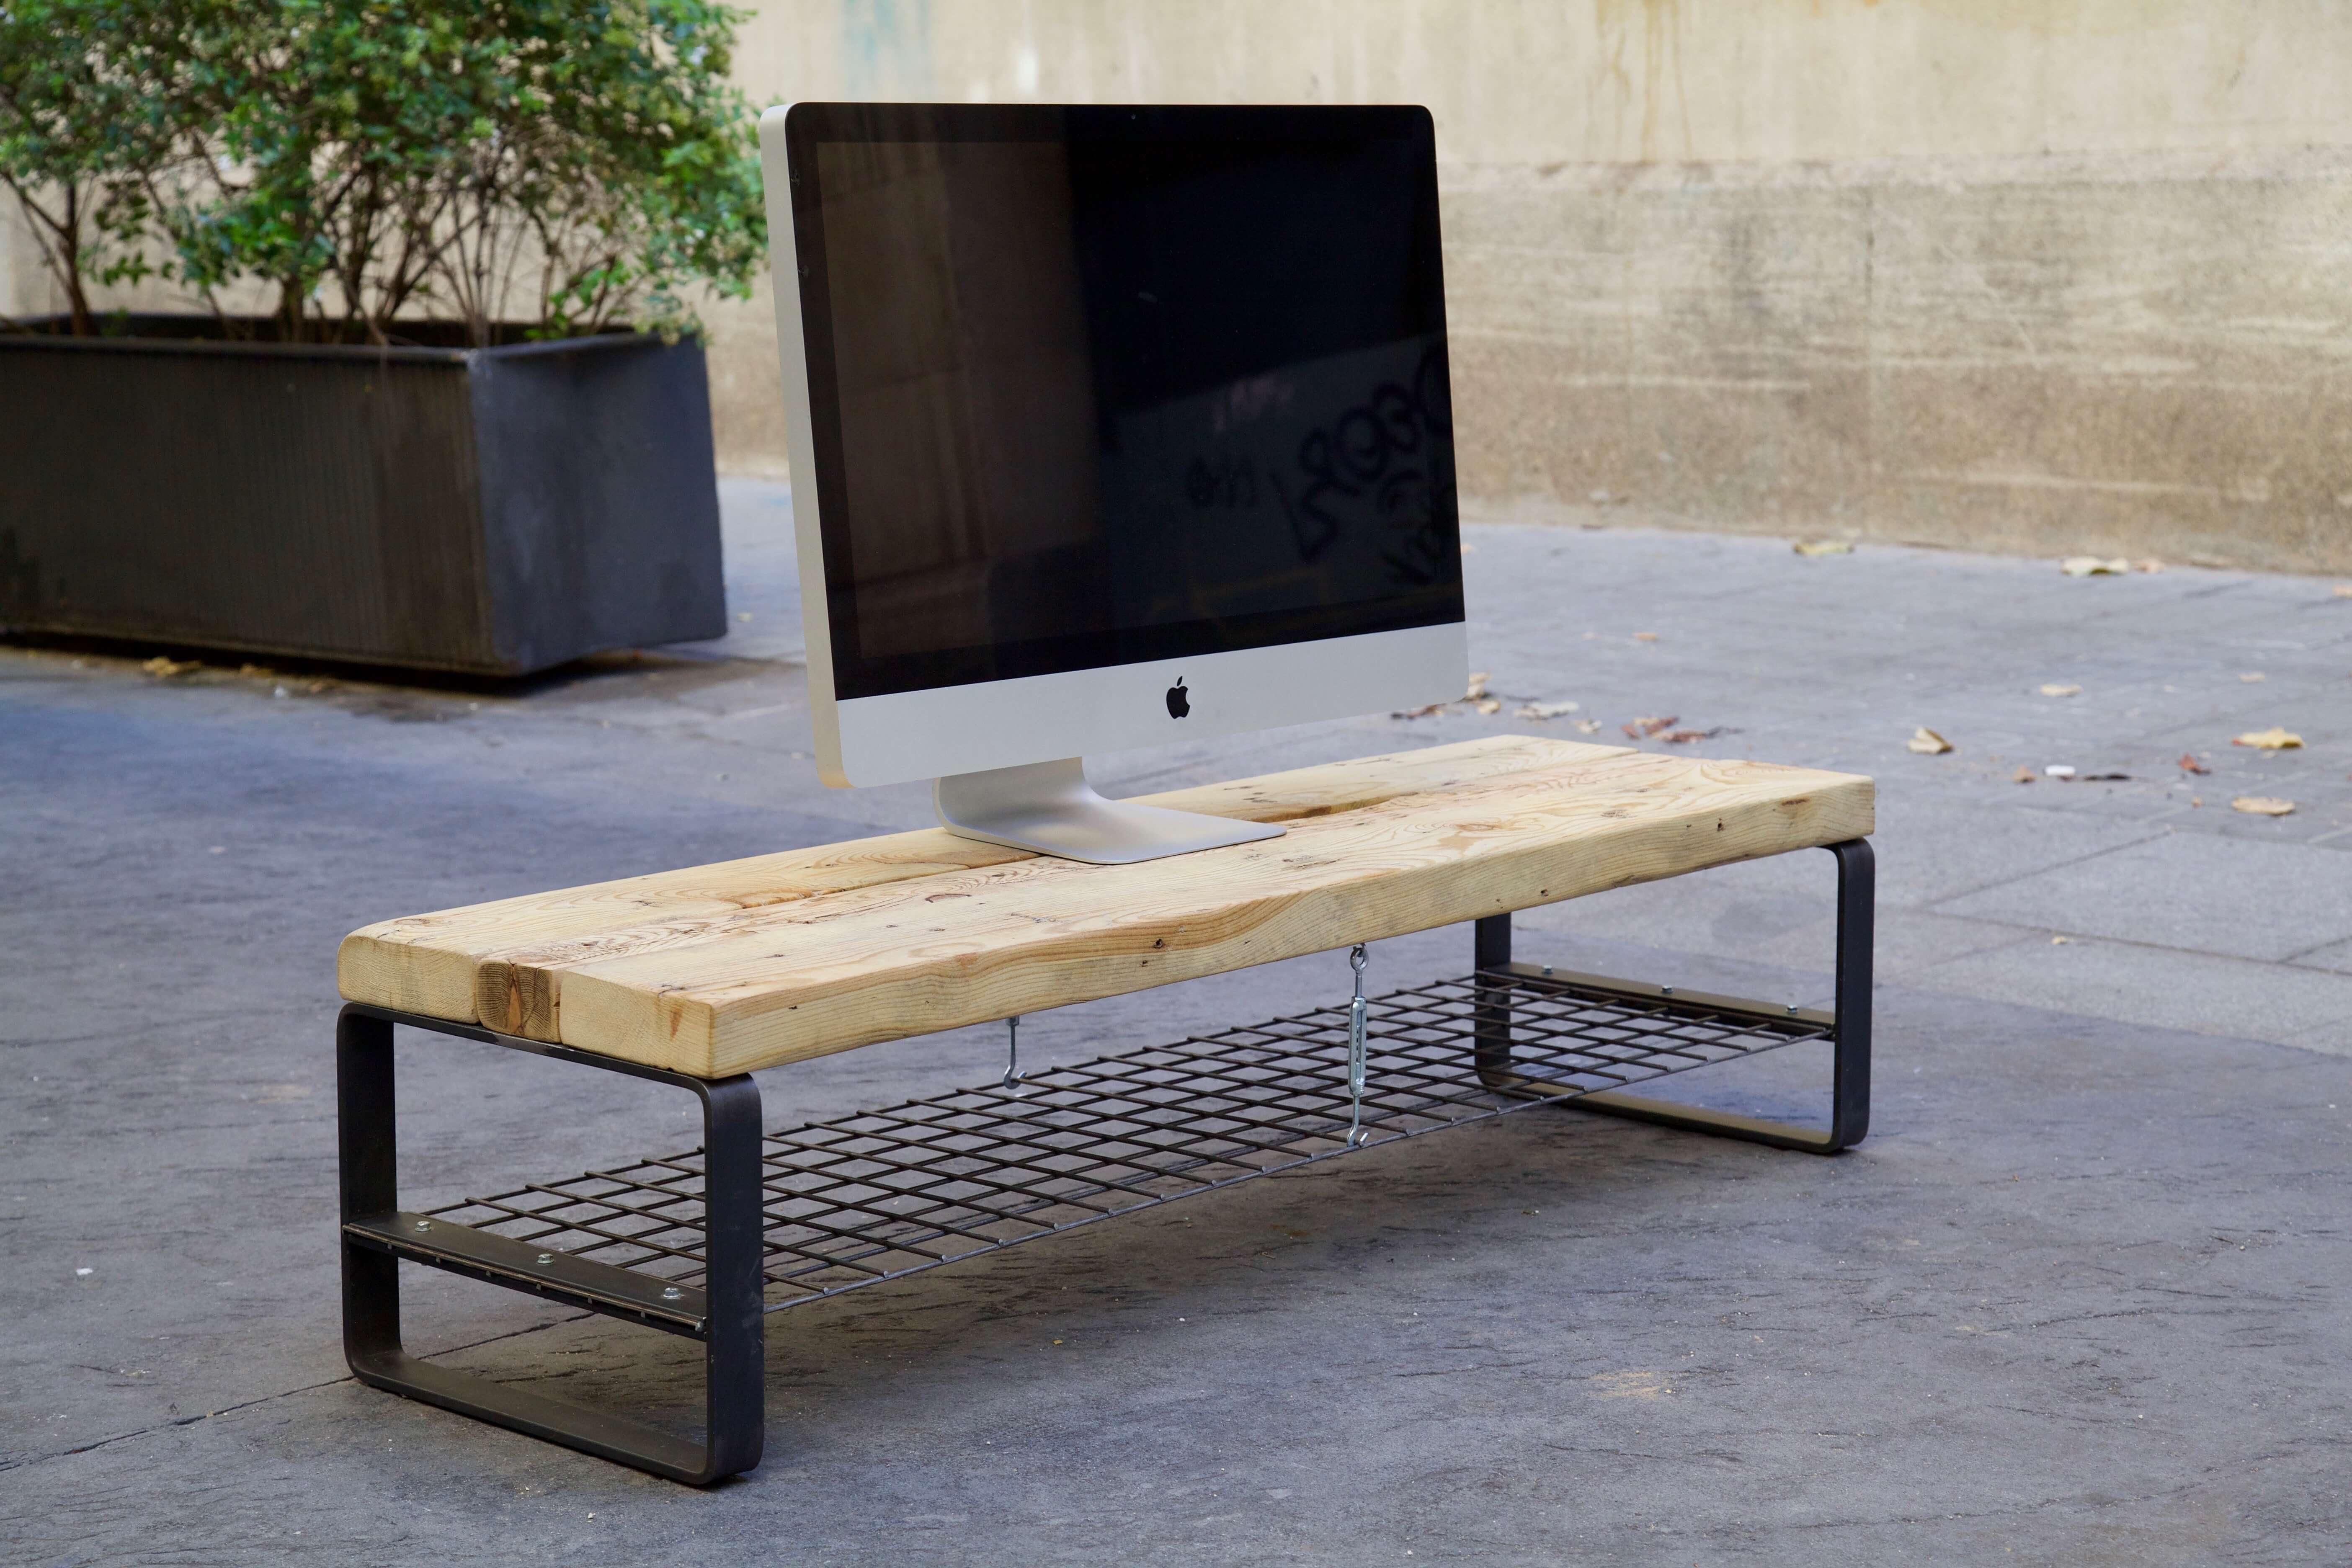 Mueble de tv atreyu paletos - Palets muebles reciclados ...